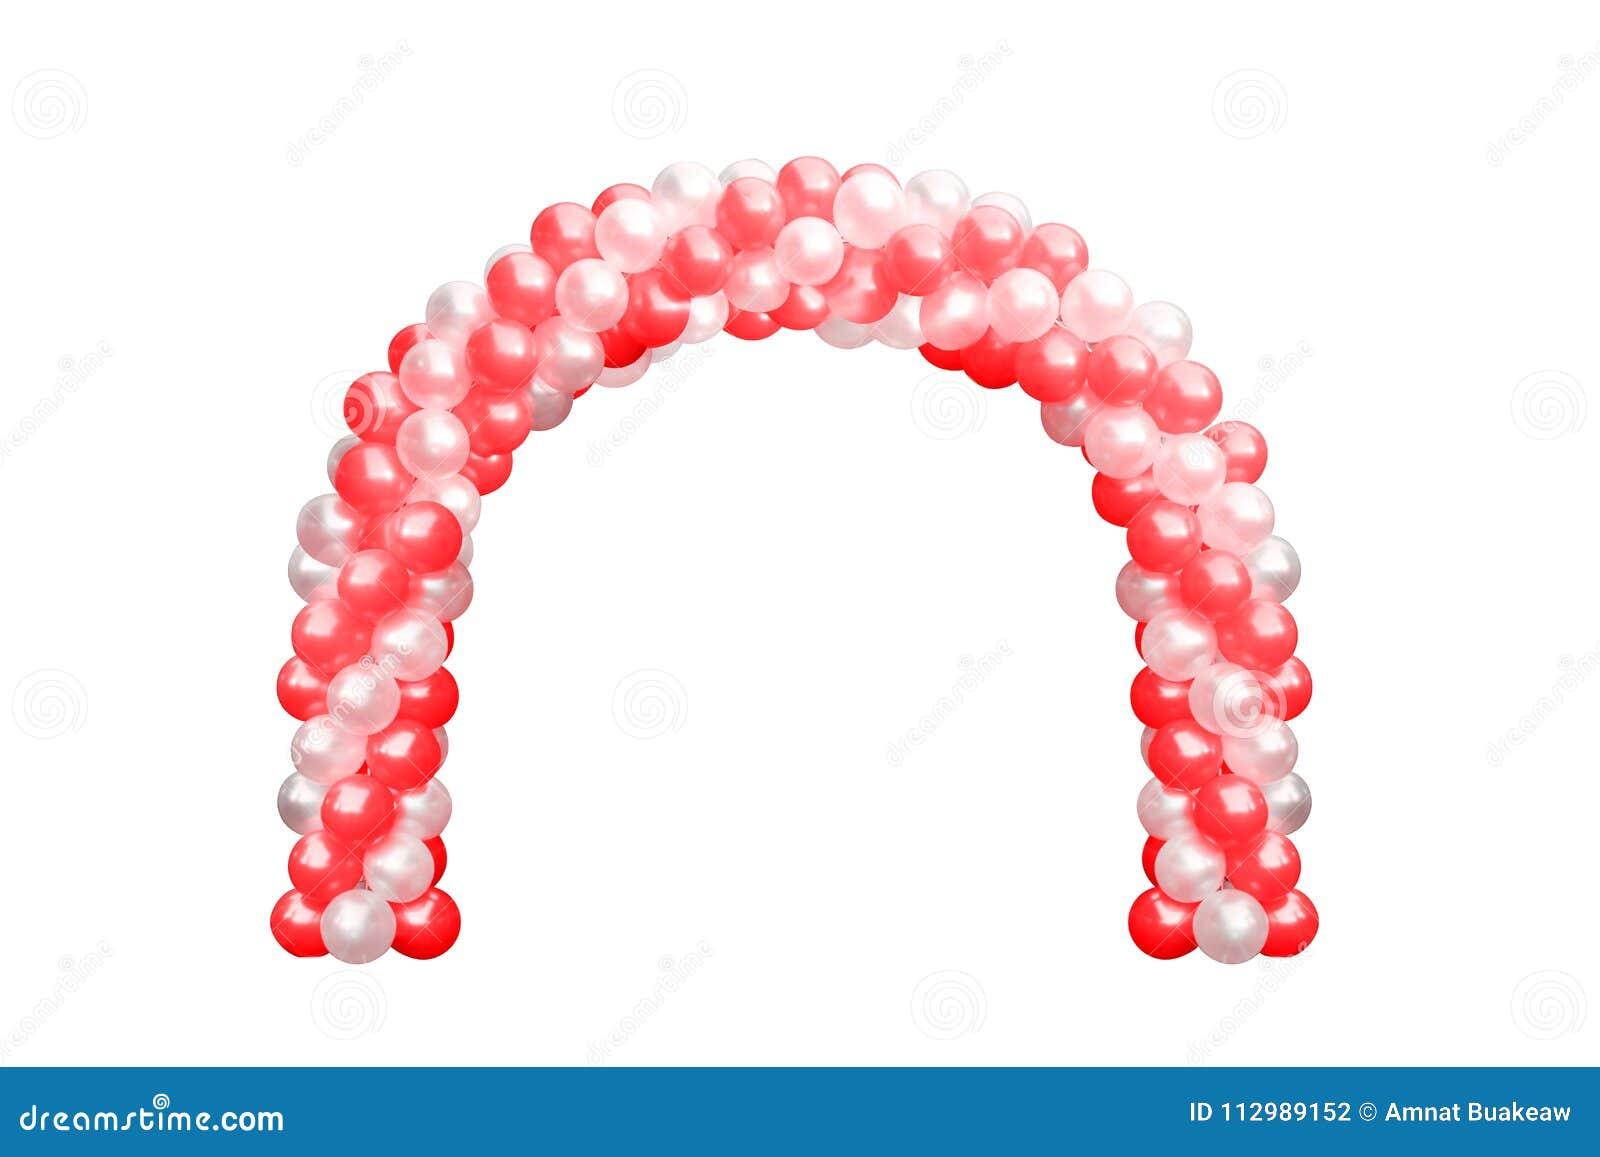 Balloon a porta da arcada vermelha e branca, arcos casamento, elementos da decoração do projeto do festival do balão com arco o i